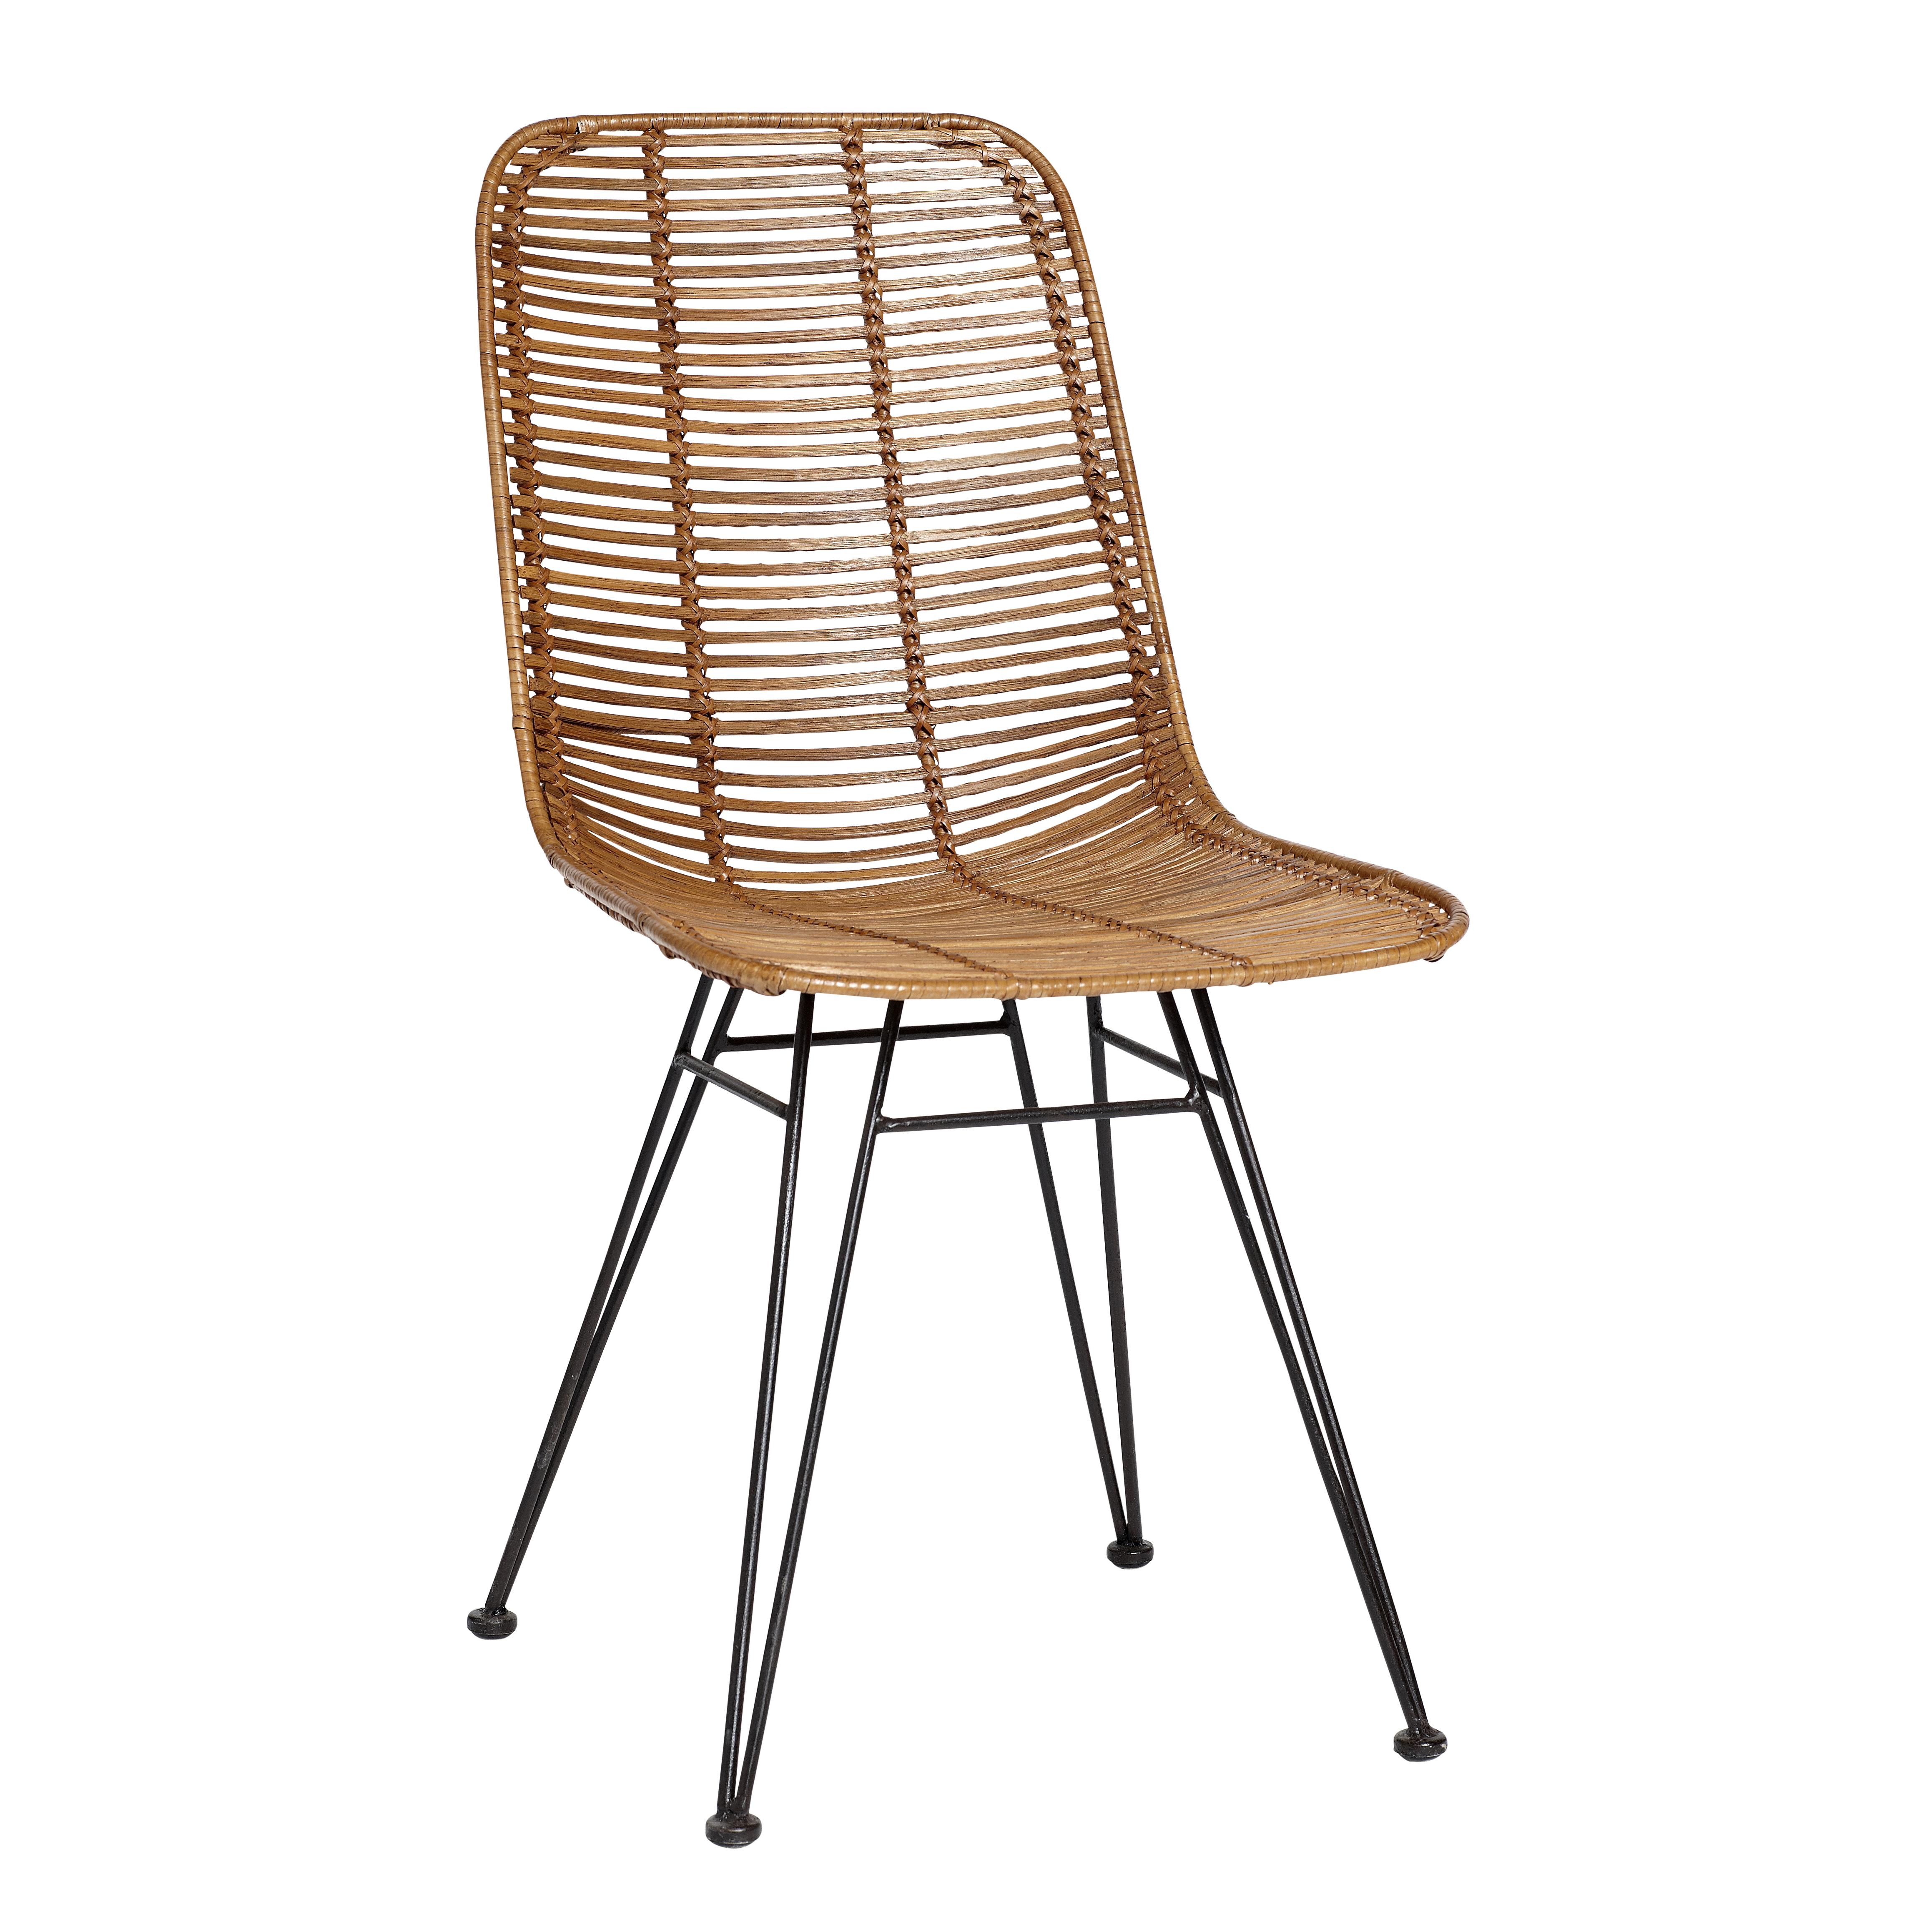 Mads studio-stol / natur